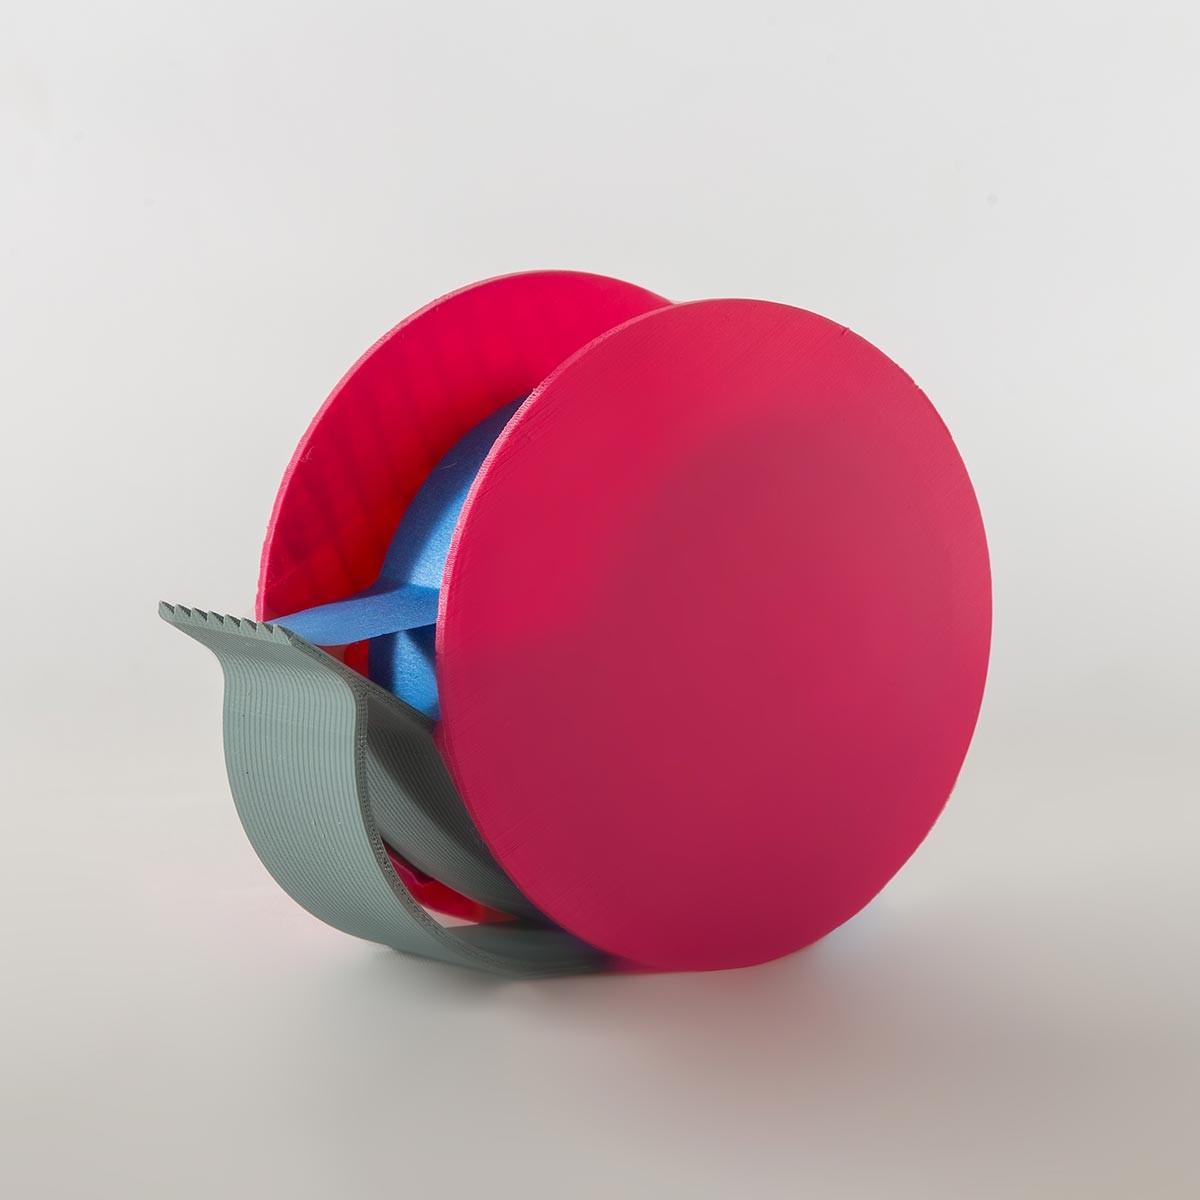 Rolly - Brignetti Longoni Design Studio - Porta scotch, design, prodotto, essenziale, lavoro, scrivania, dispenser, scotch, blu-tape, stampa 3D, elegante, minimale, colore, pla, riuso, riciclo, rispetto, ambiente, filamento, bio, autoproduzione, progetto, modello 3d, prototipo.